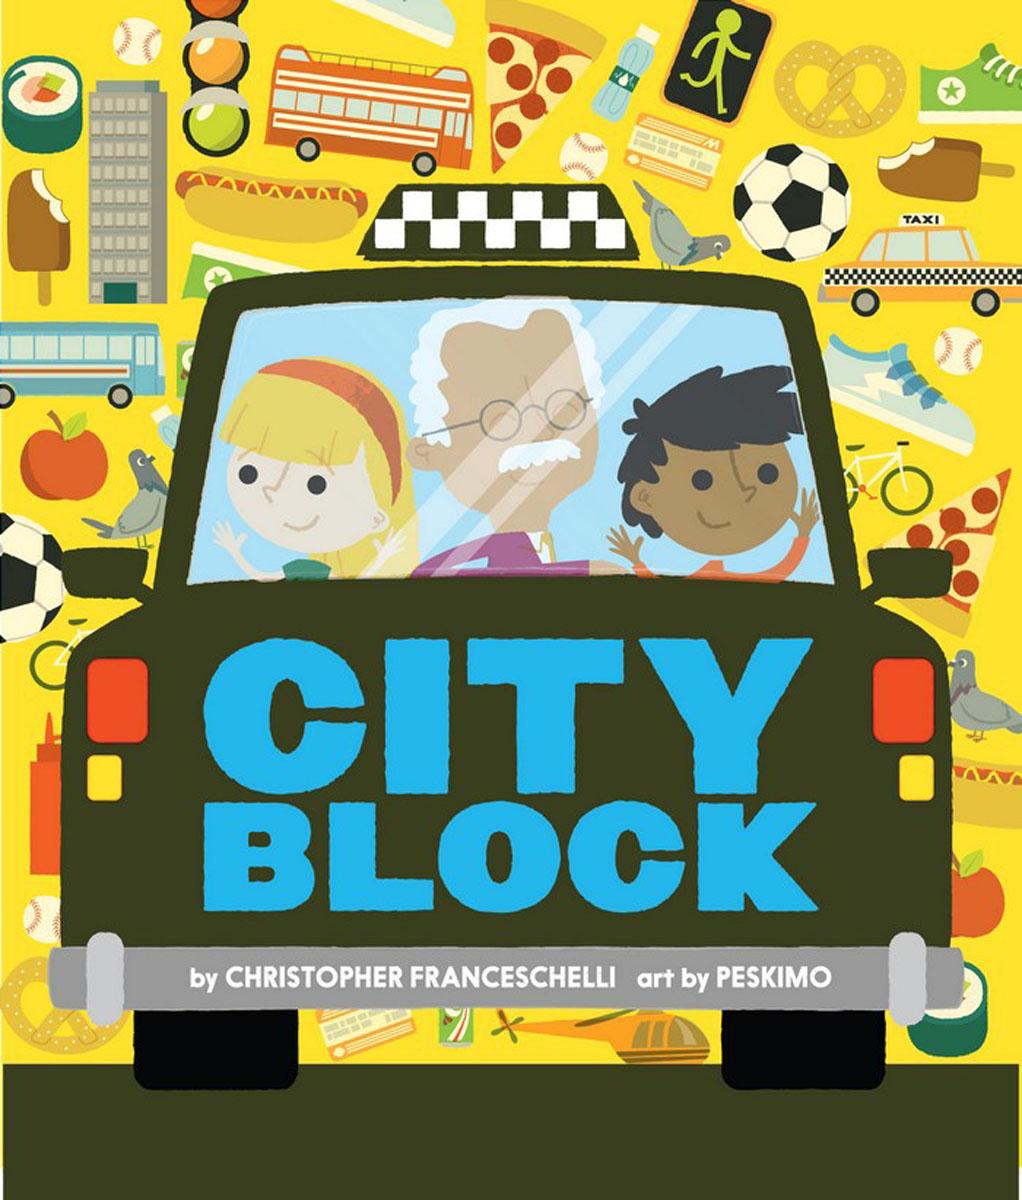 Cityblock city series marriage wedding room model building block toys compatible legoe enlighten 1129 613pcs diy gifts for children